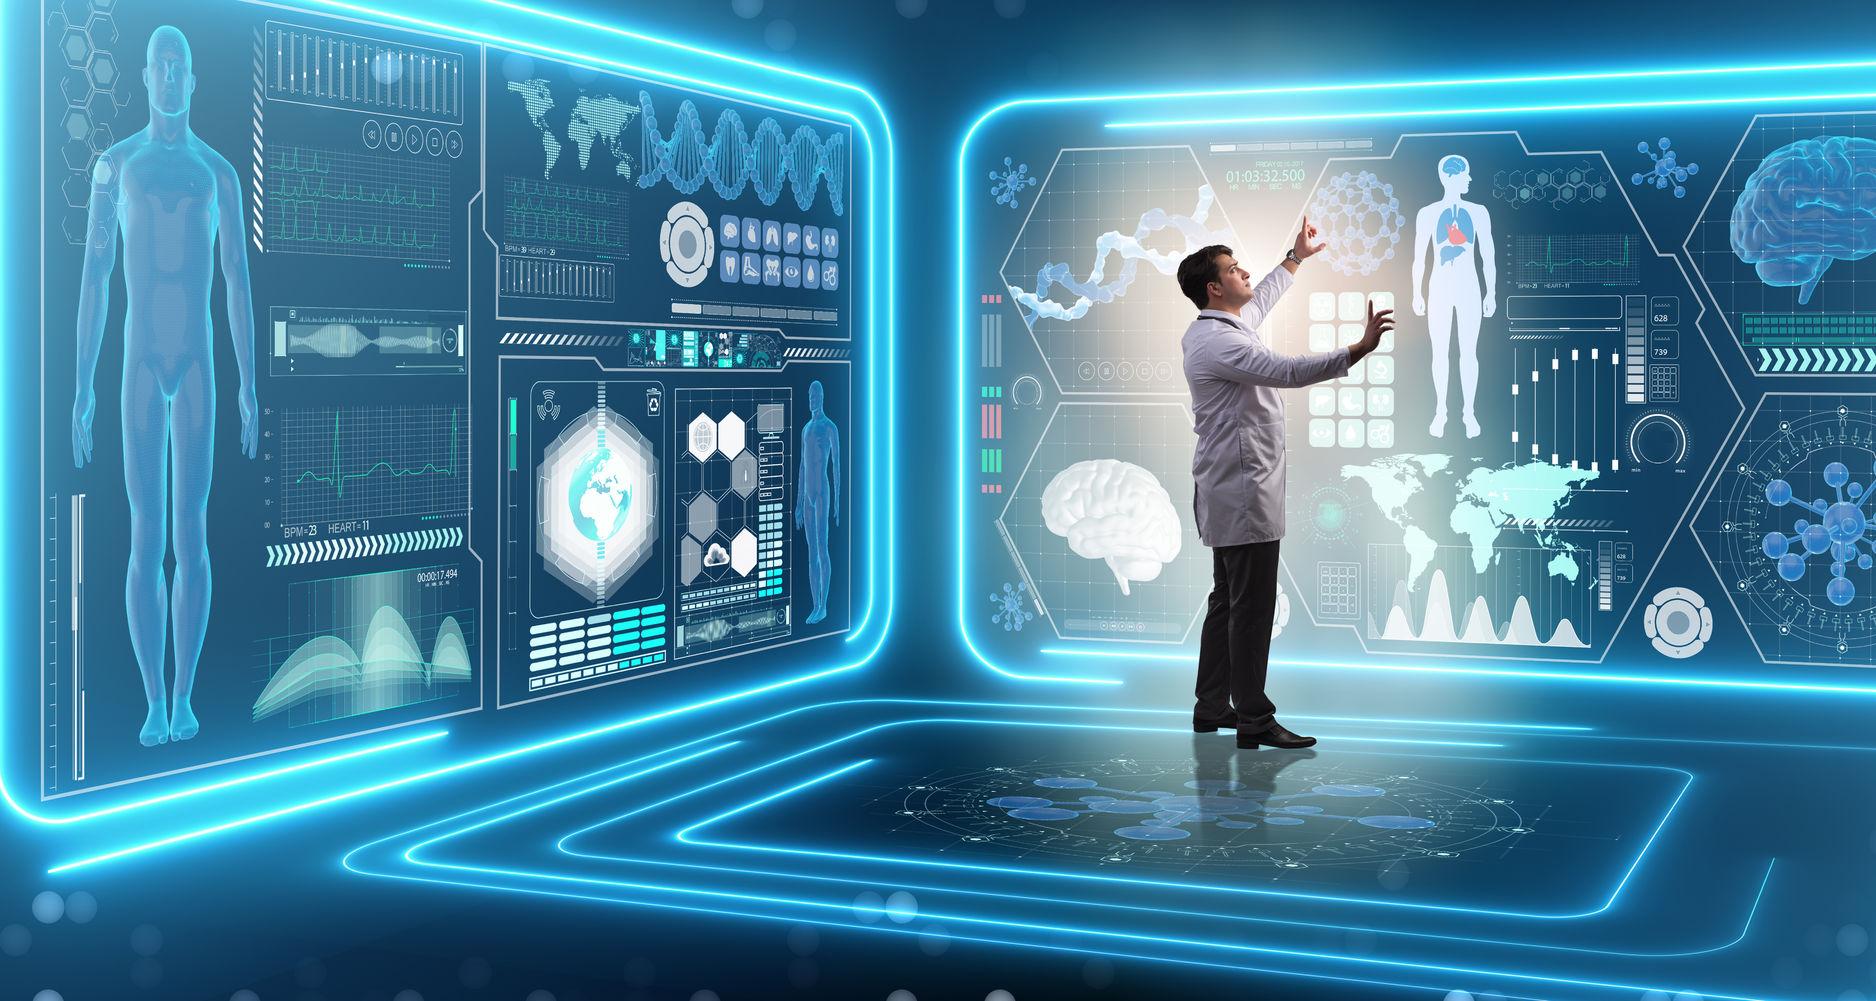 构筑数字底座,同济医院提速智慧医疗